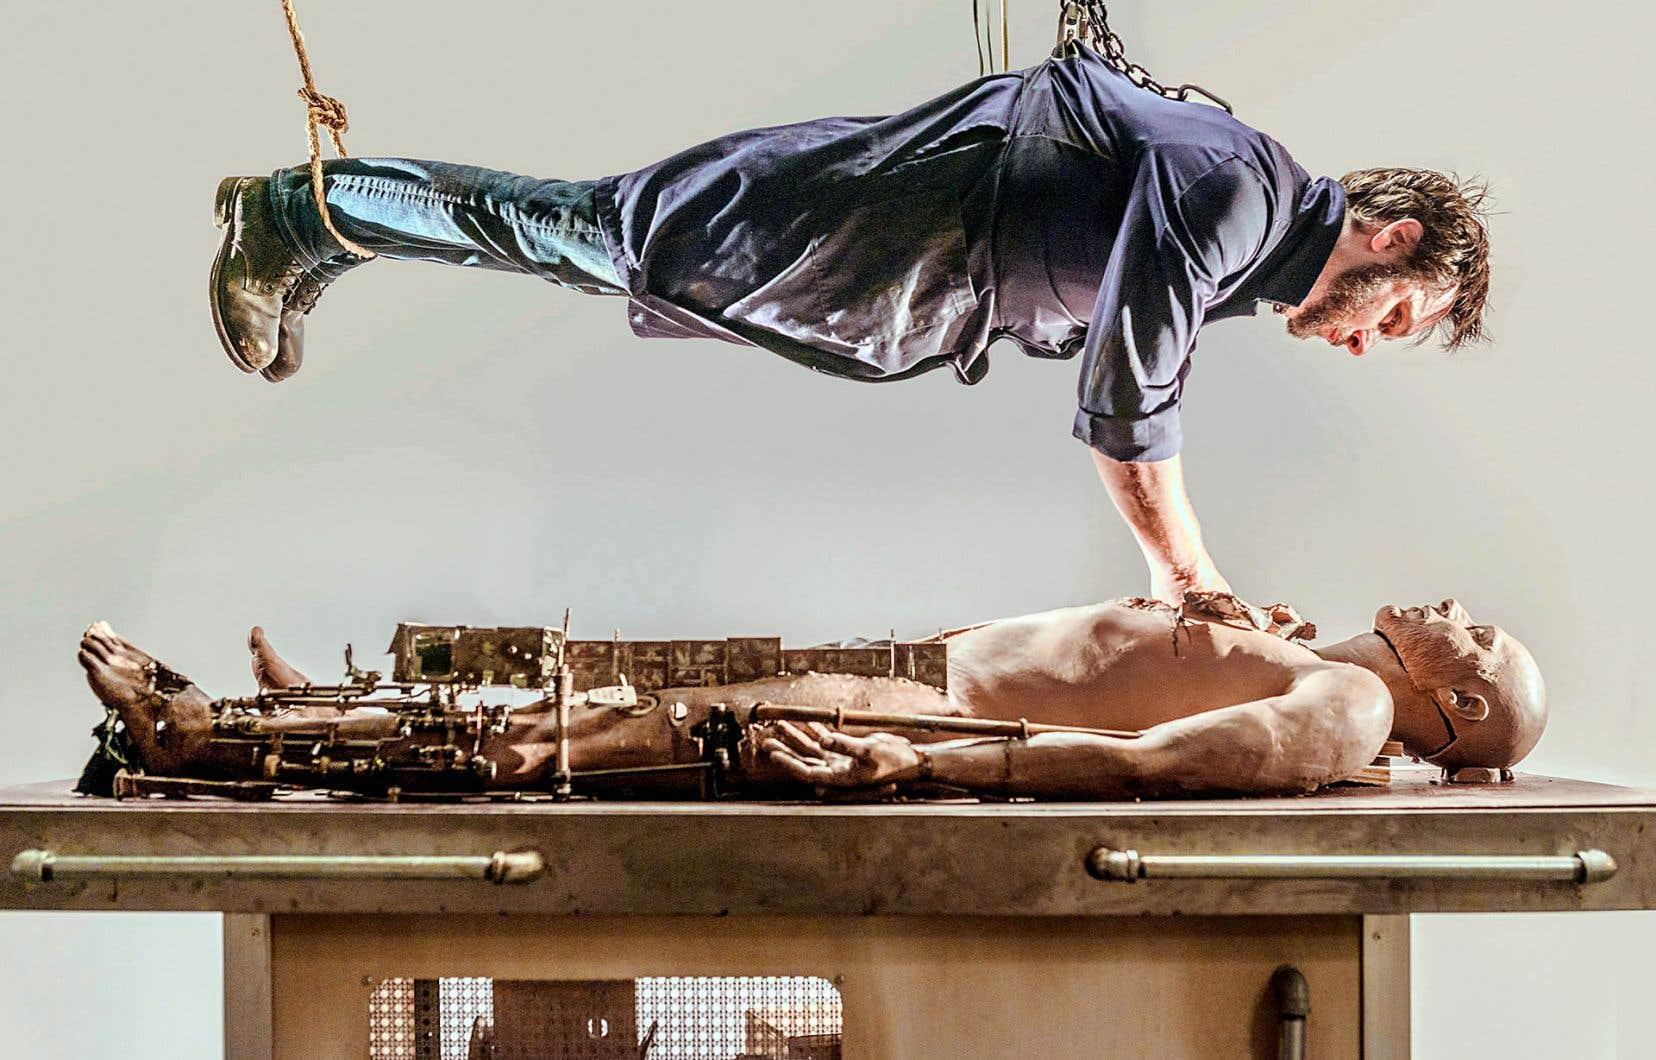 Le court métrage «Le sujet», oeuvre métaphorique, présente un corps disséqué par un clinicien extirpant des éléments de sa vie jusqu'à trouver le poids qui lui pèse.